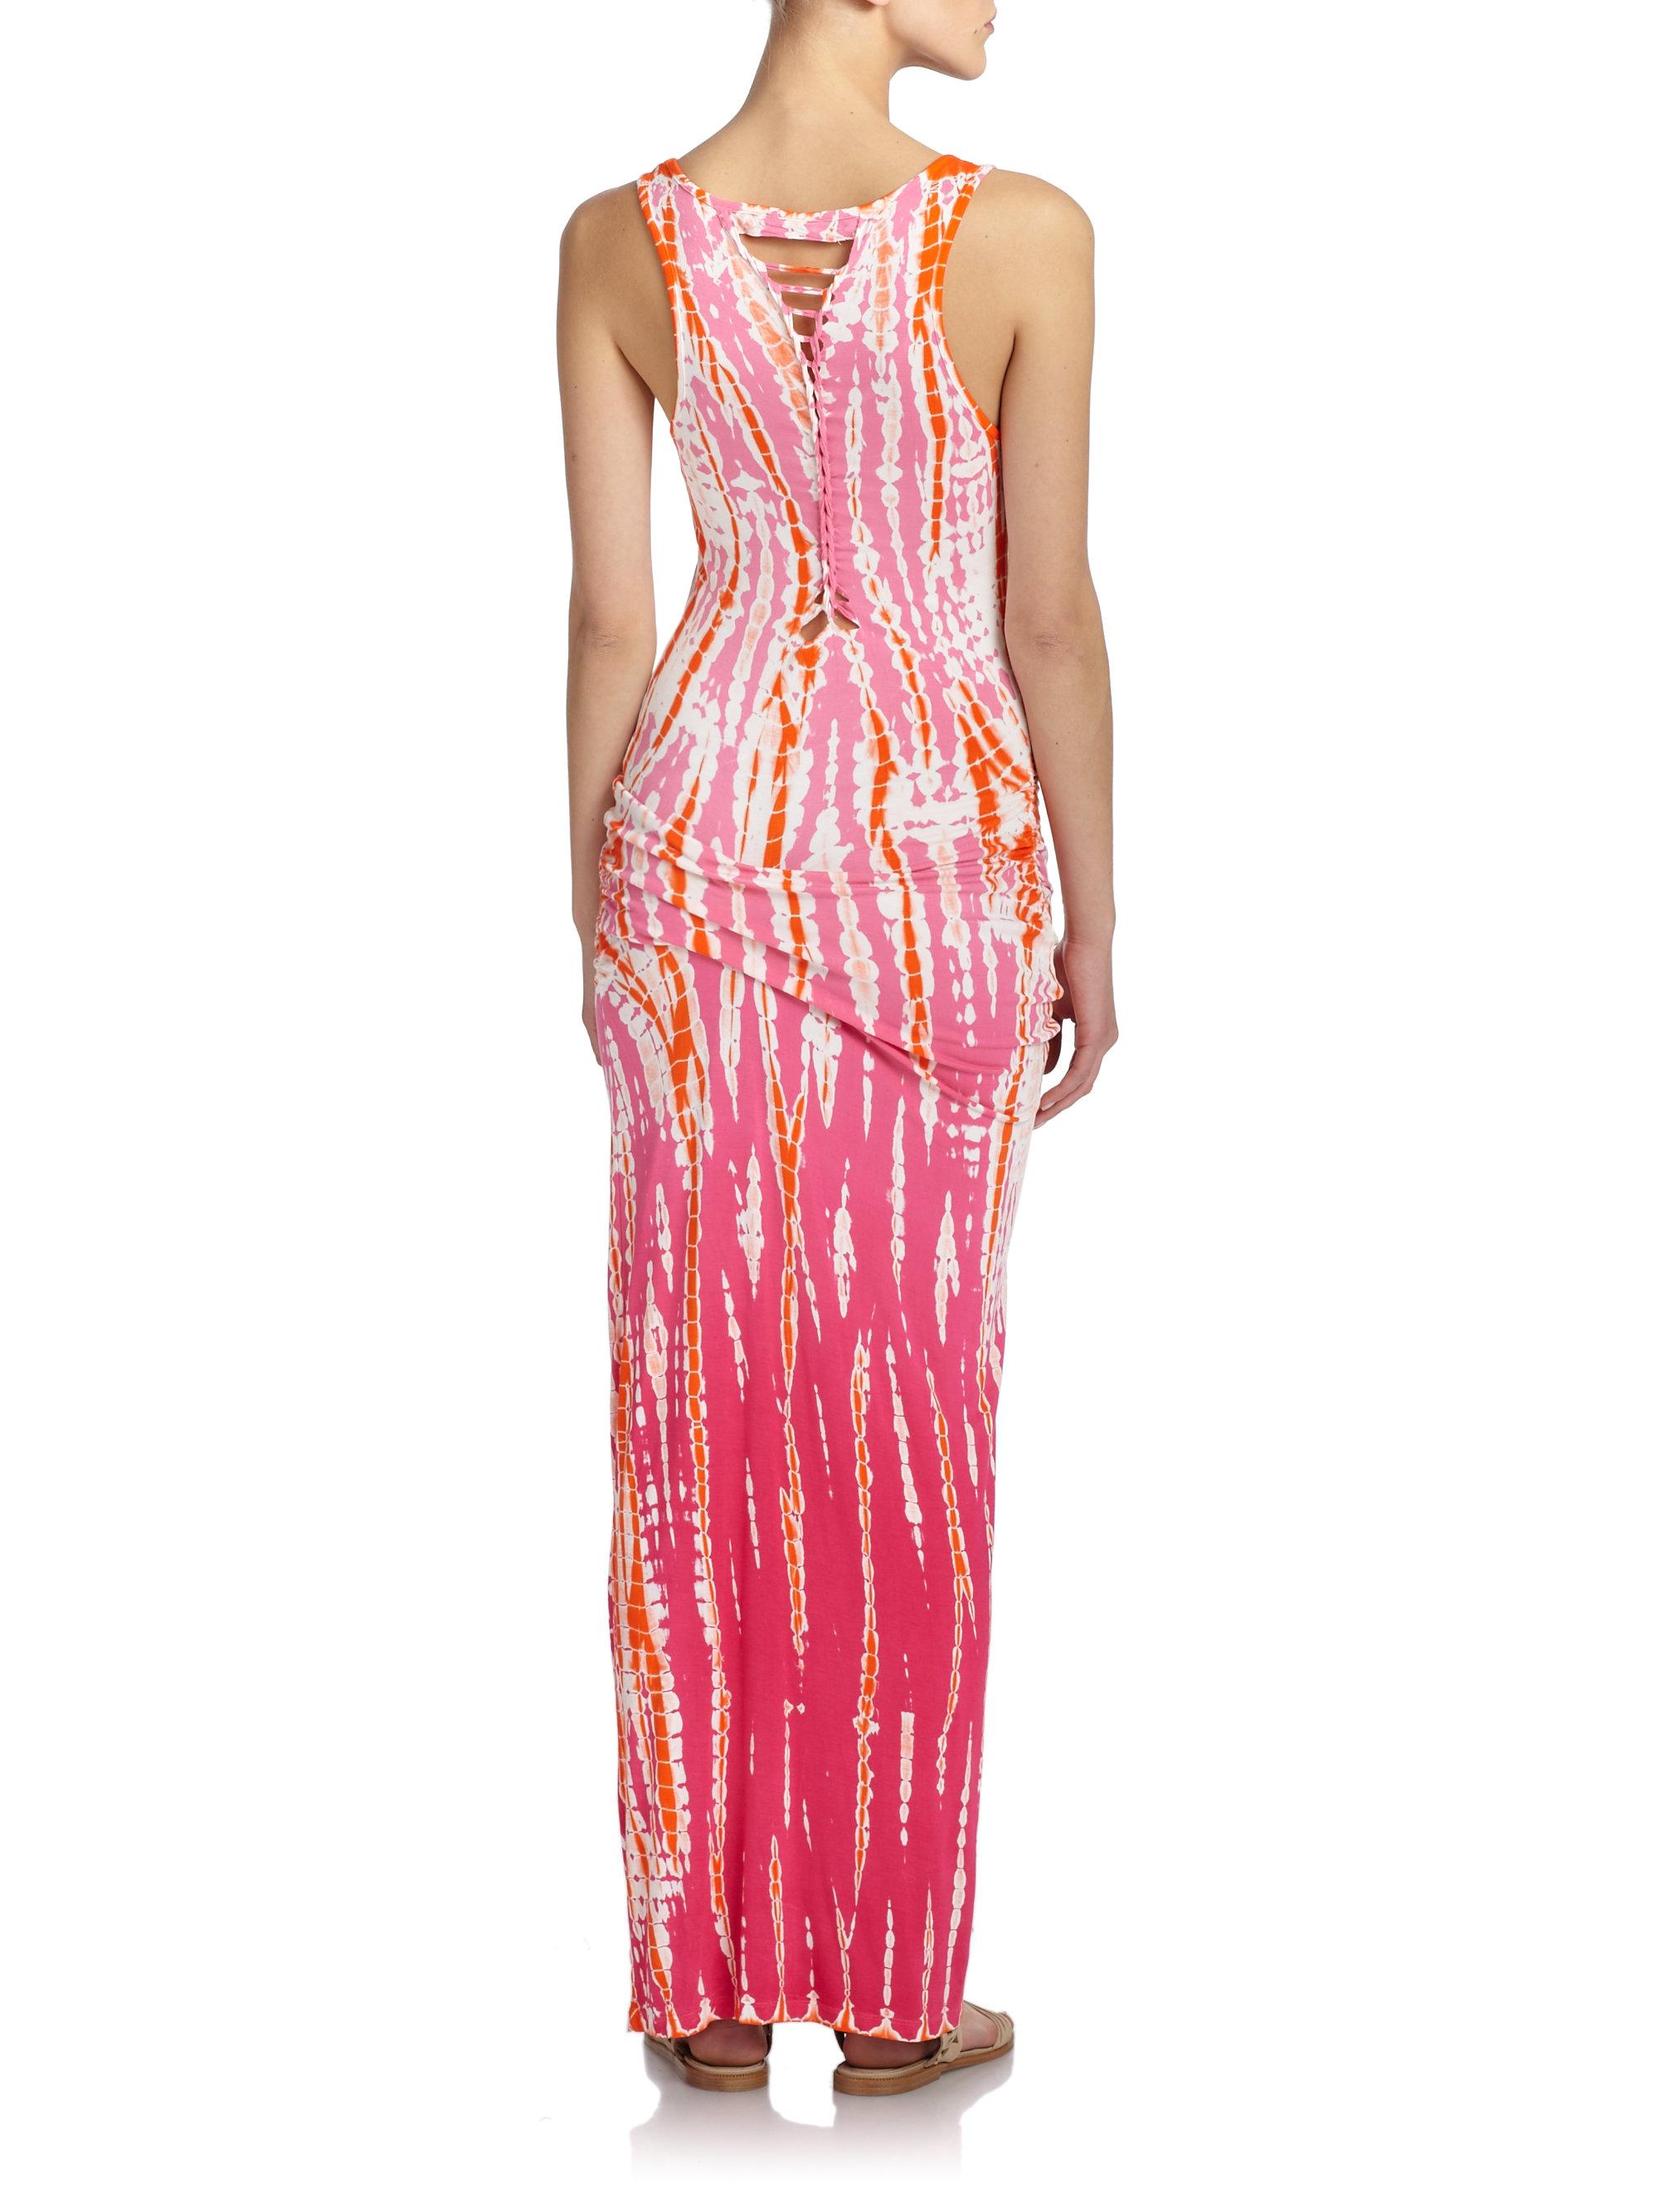 fabulous tie dye maxi dress in pink